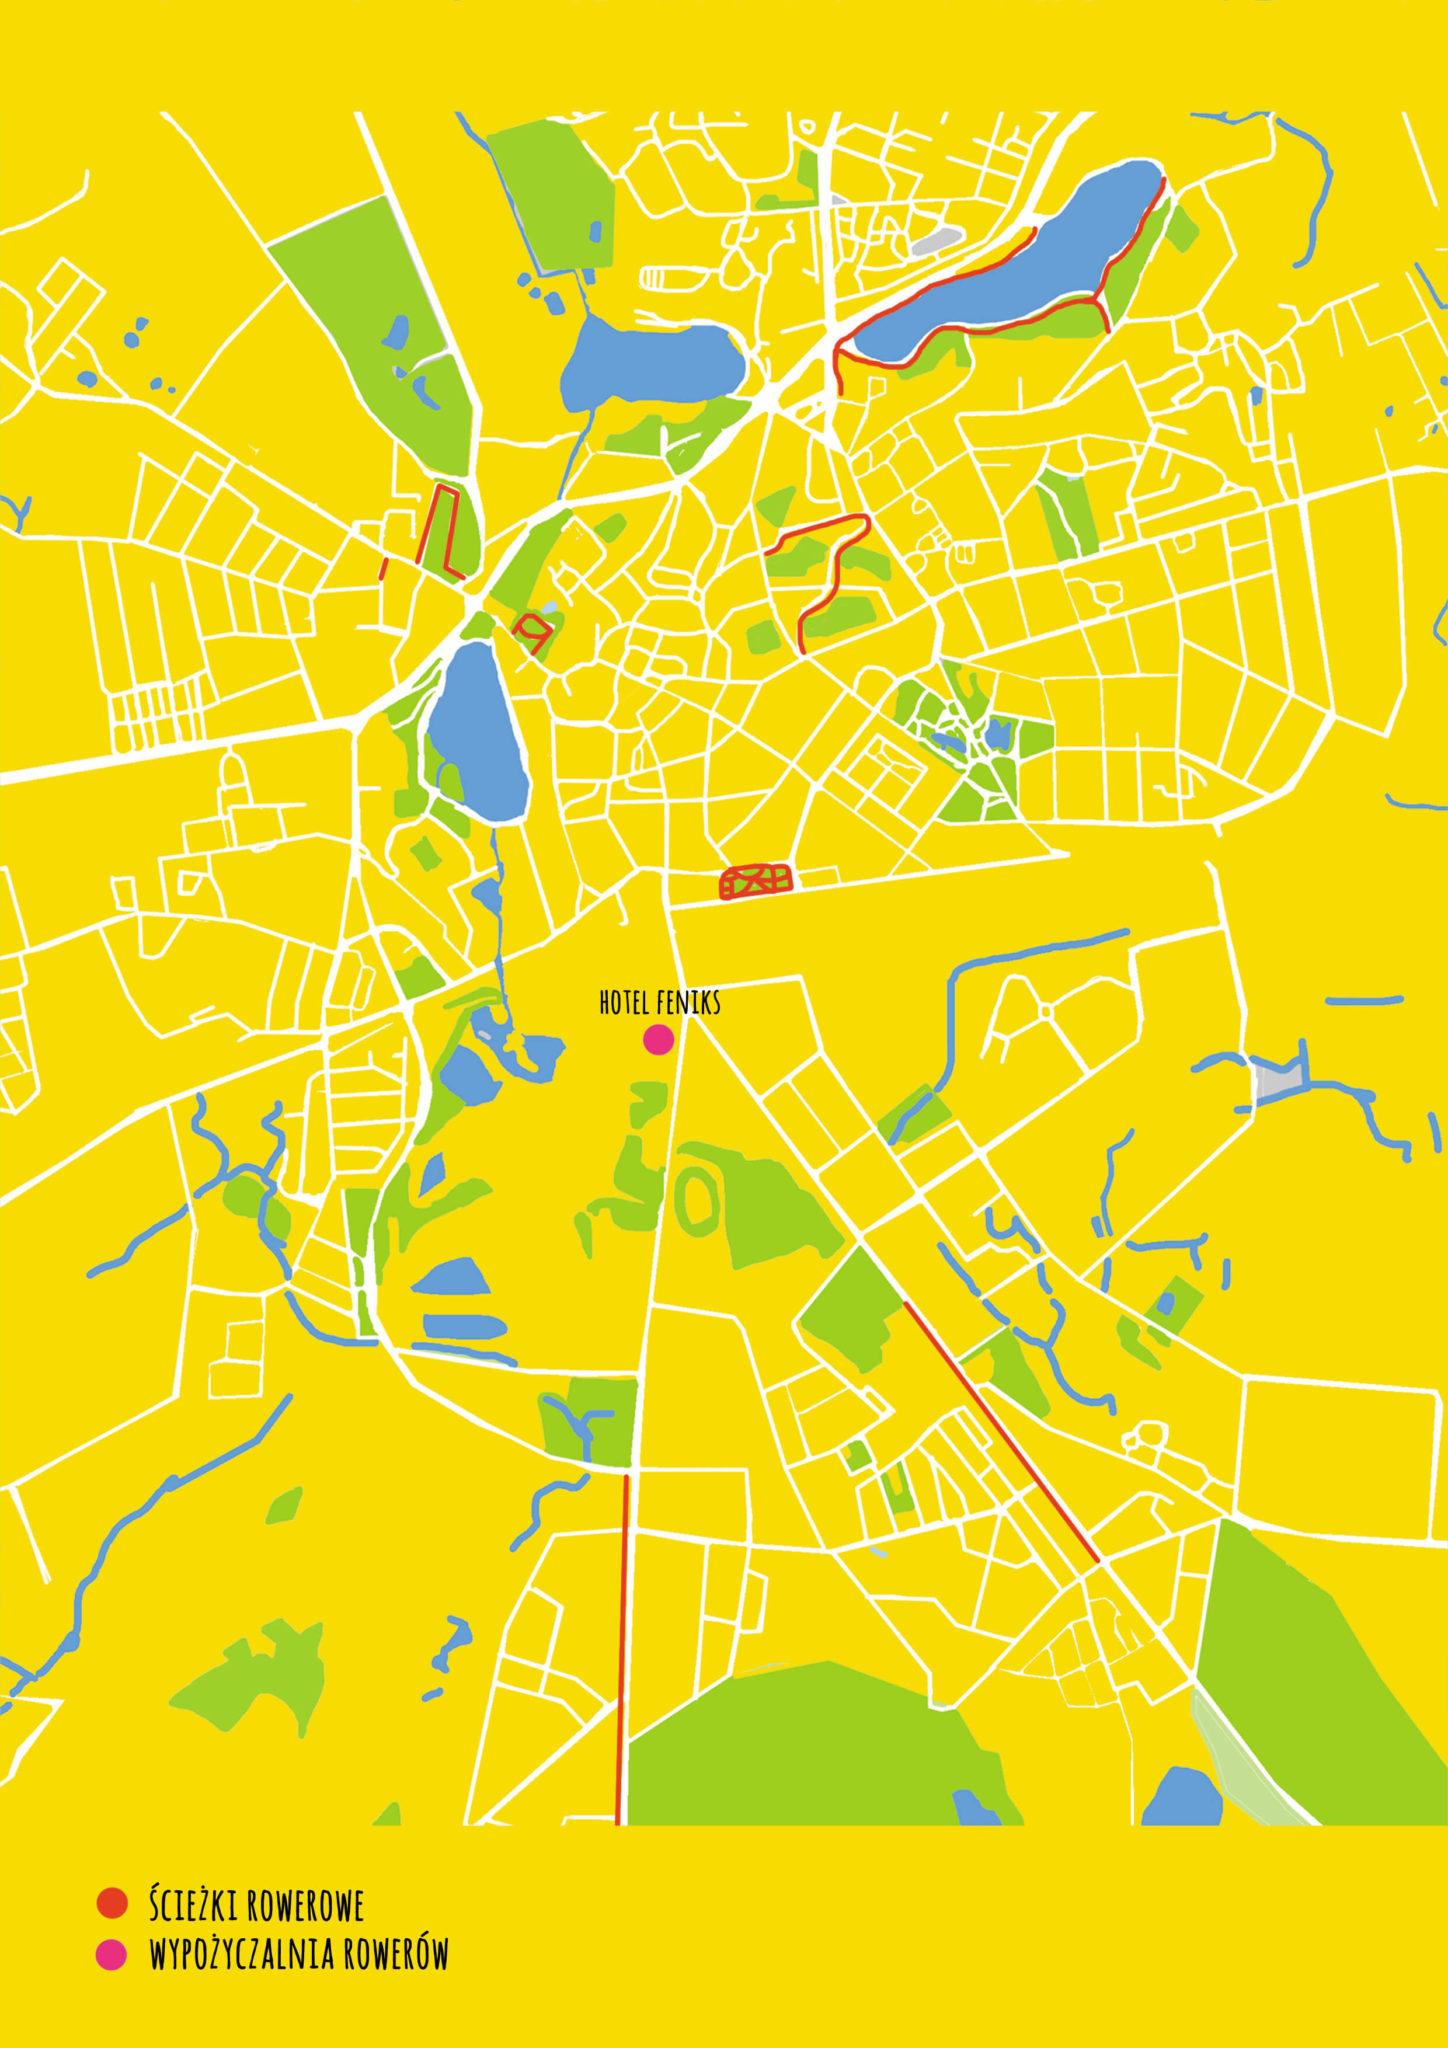 ścieżki rowerowe w Gnieźnie